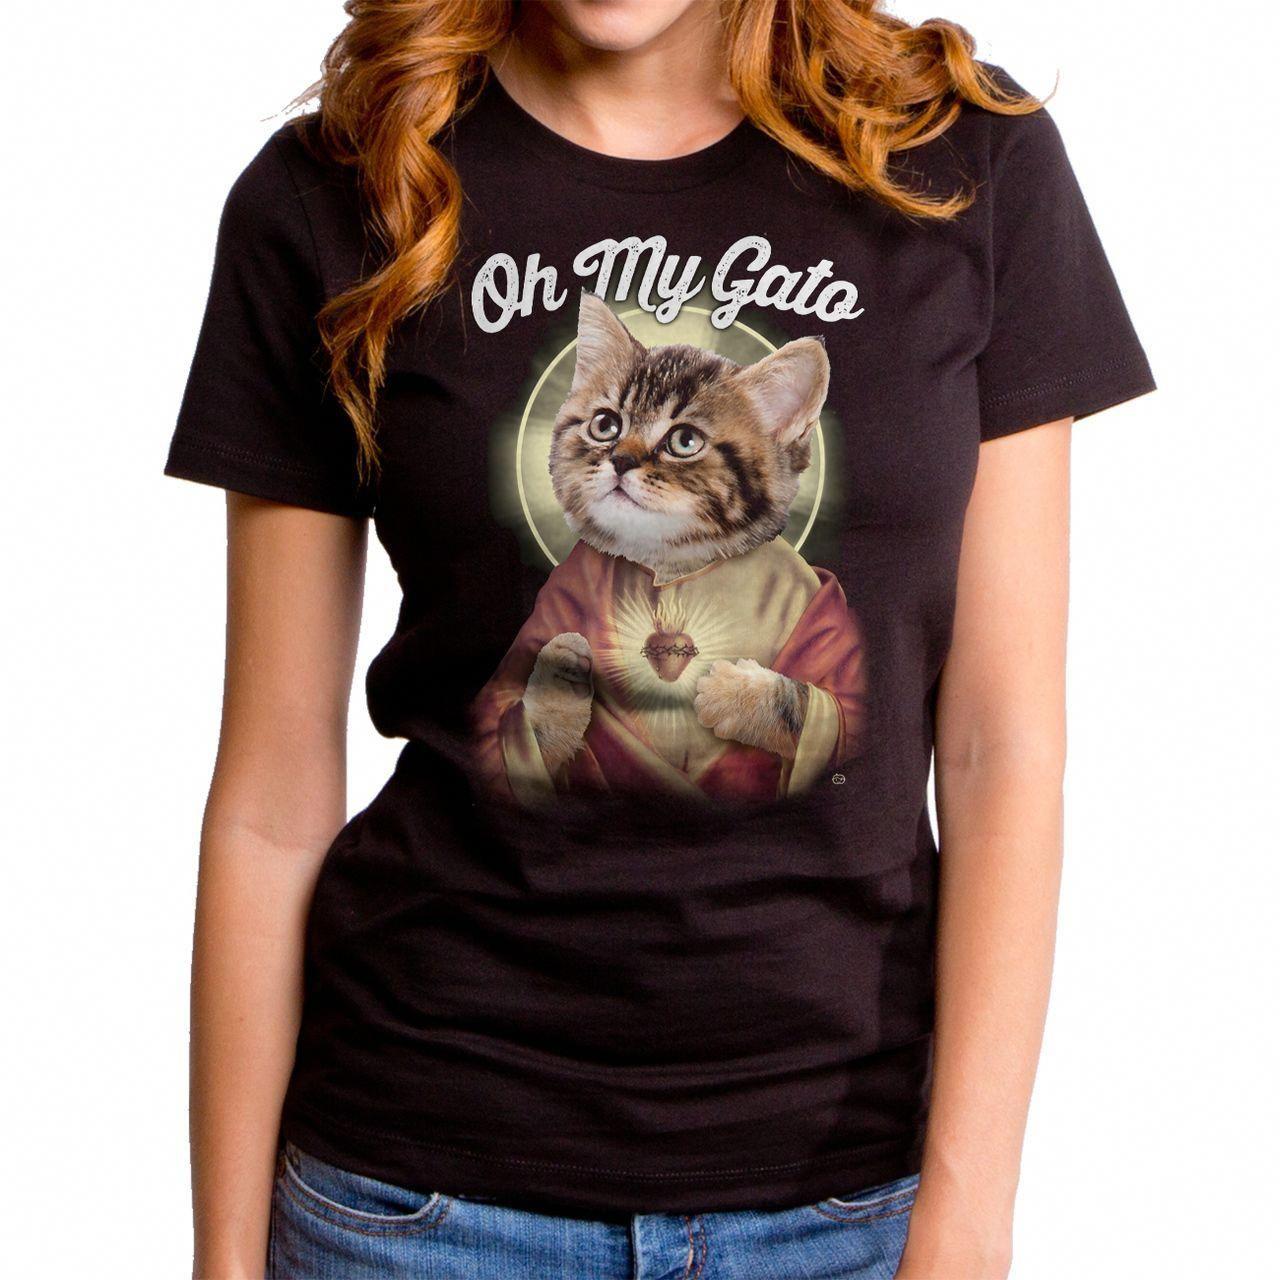 deecc88de Oh My Gato Women's T-Shirt – Funny Cat T-Shirt, Funny Jesus T-Shirt by  Goodie Two Sleeves